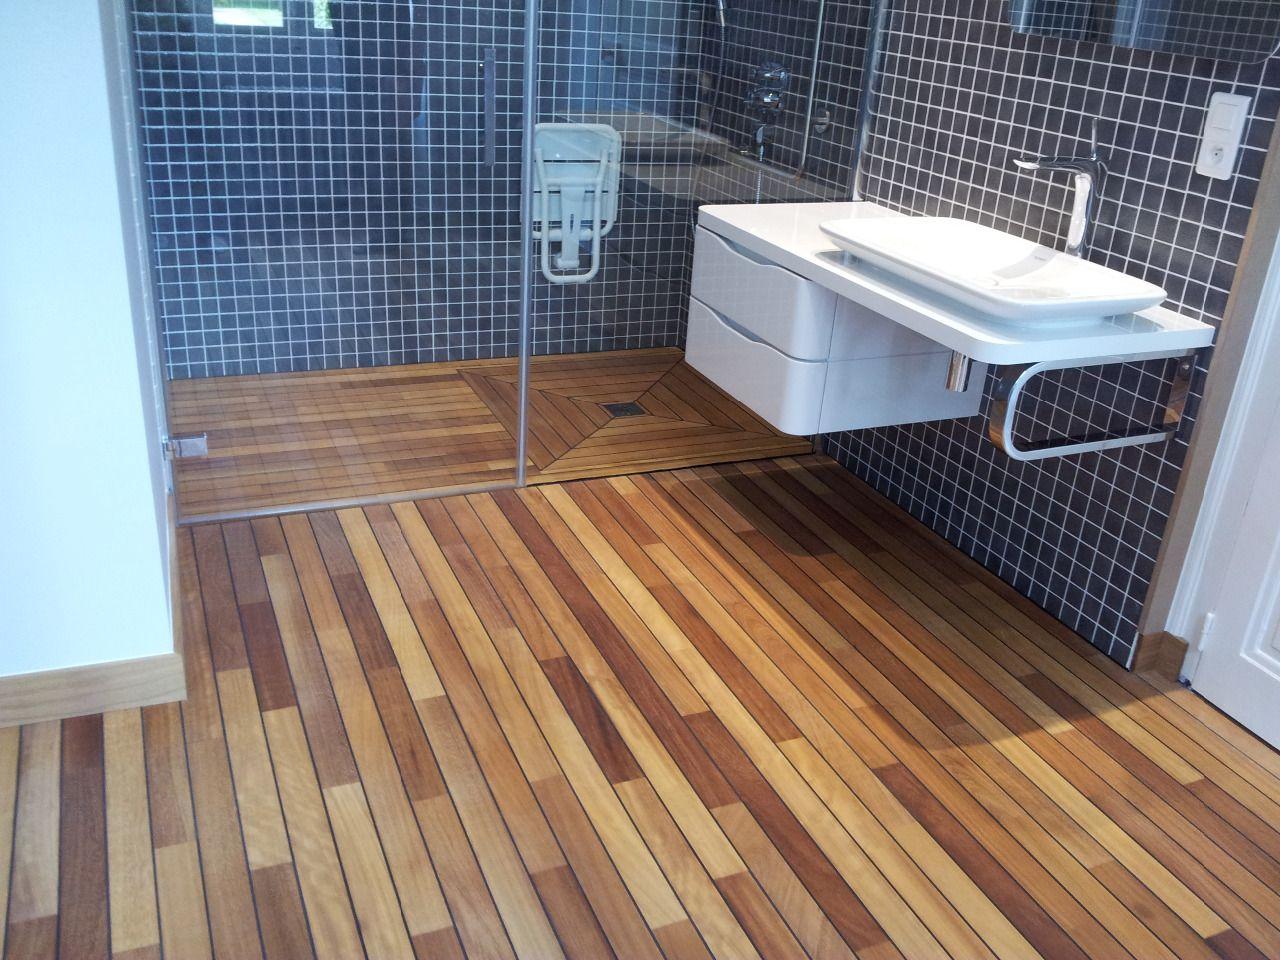 Arcobois parquet pont de bateau en iroko salle de bain pinterest salle salle de bain et - Parquet pont de bateau salle de bain ...